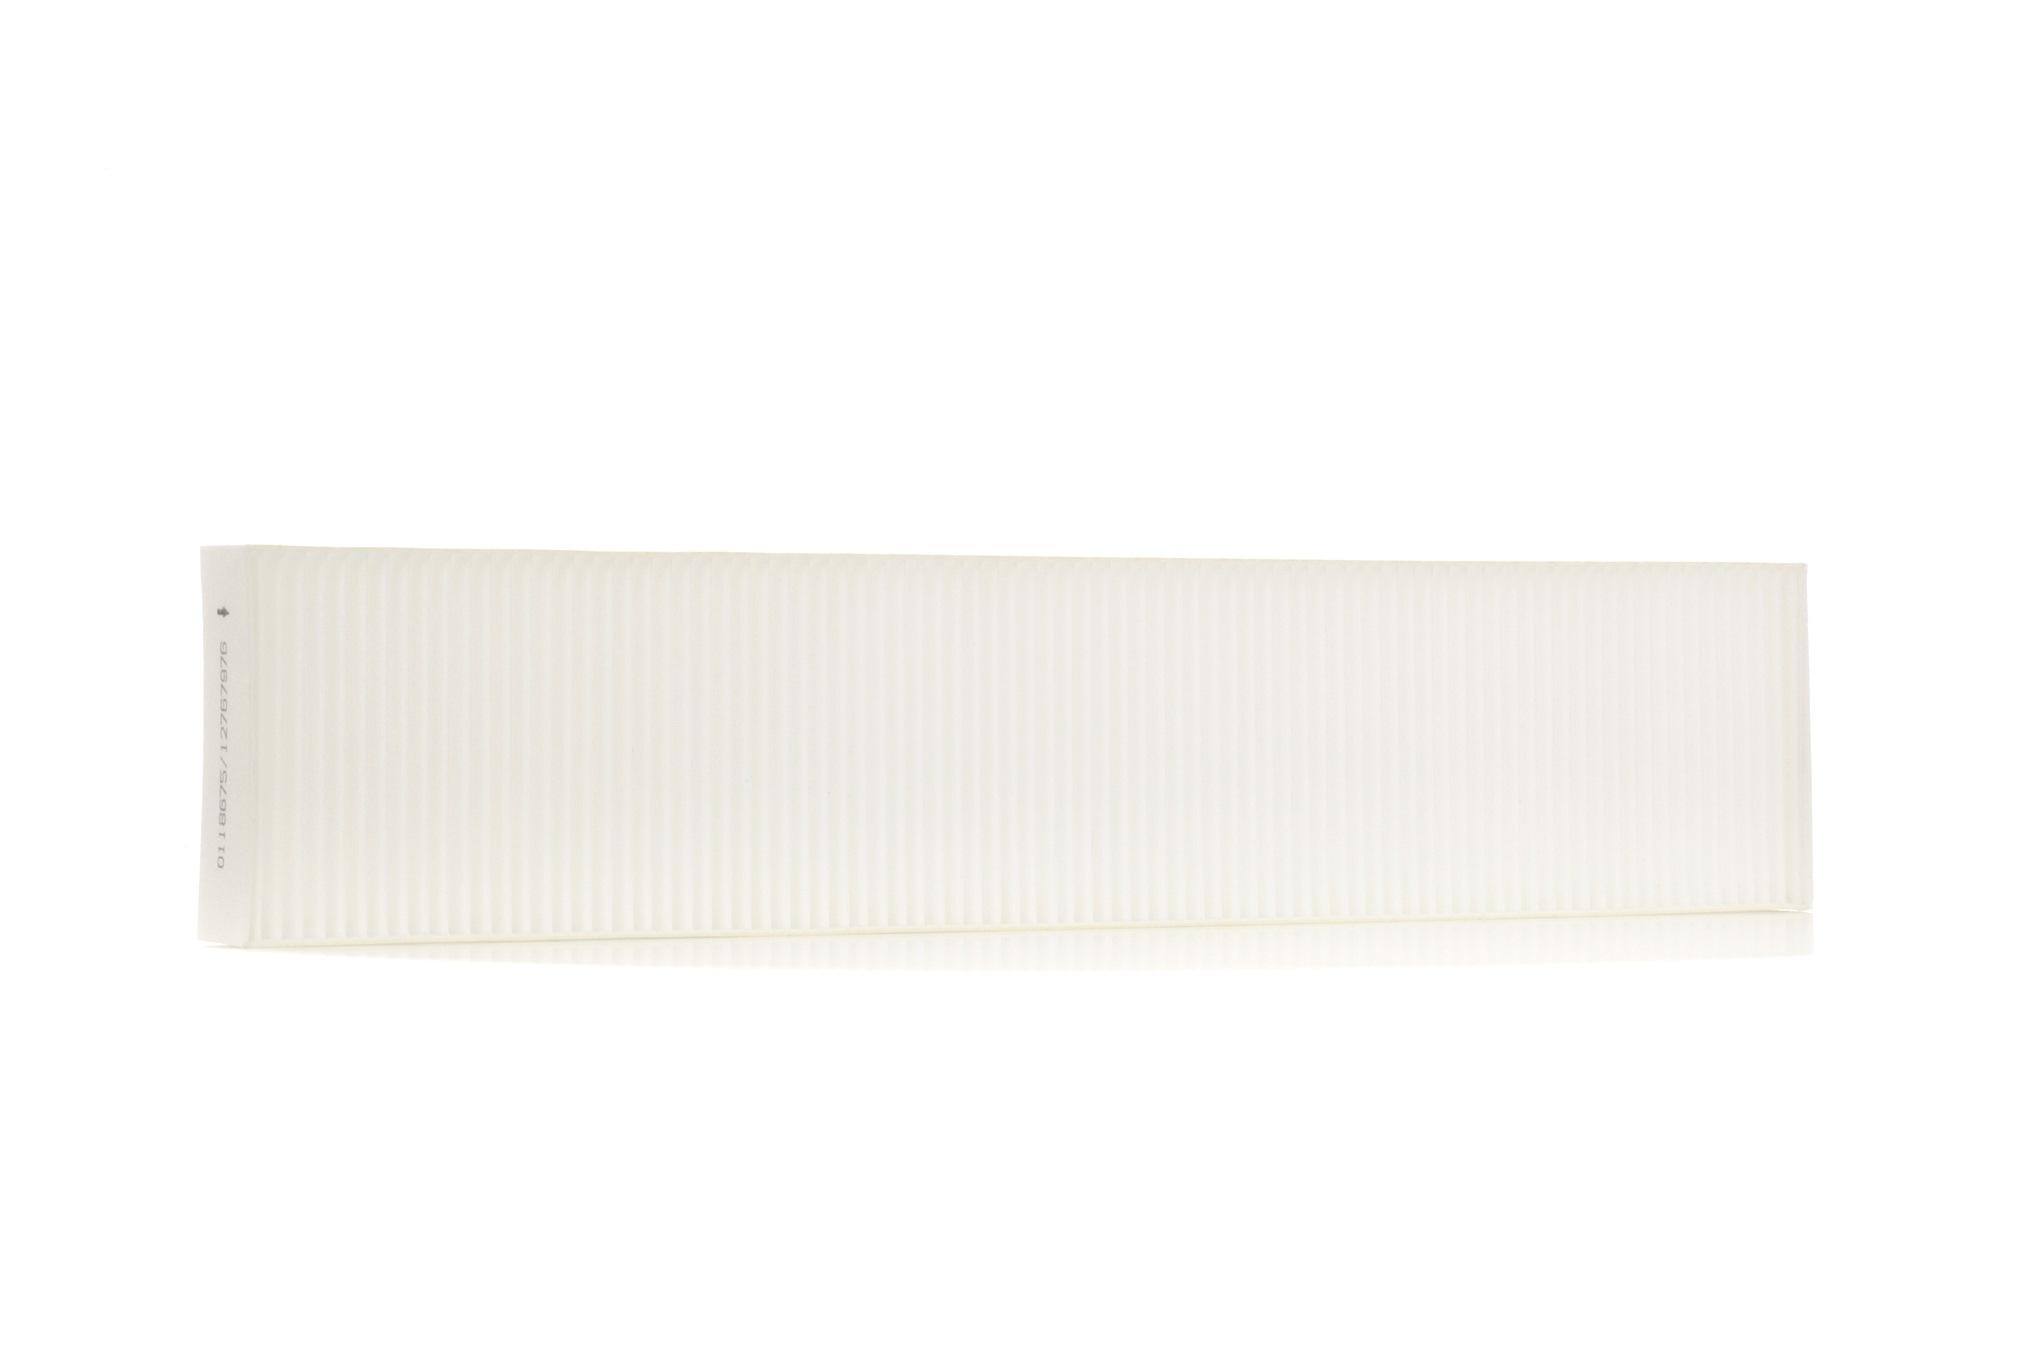 FORD COUGAR 1999 Autoheizung - Original STARK SKIF-0170415 Breite: 112mm, Höhe: 30mm, Länge: 514mm